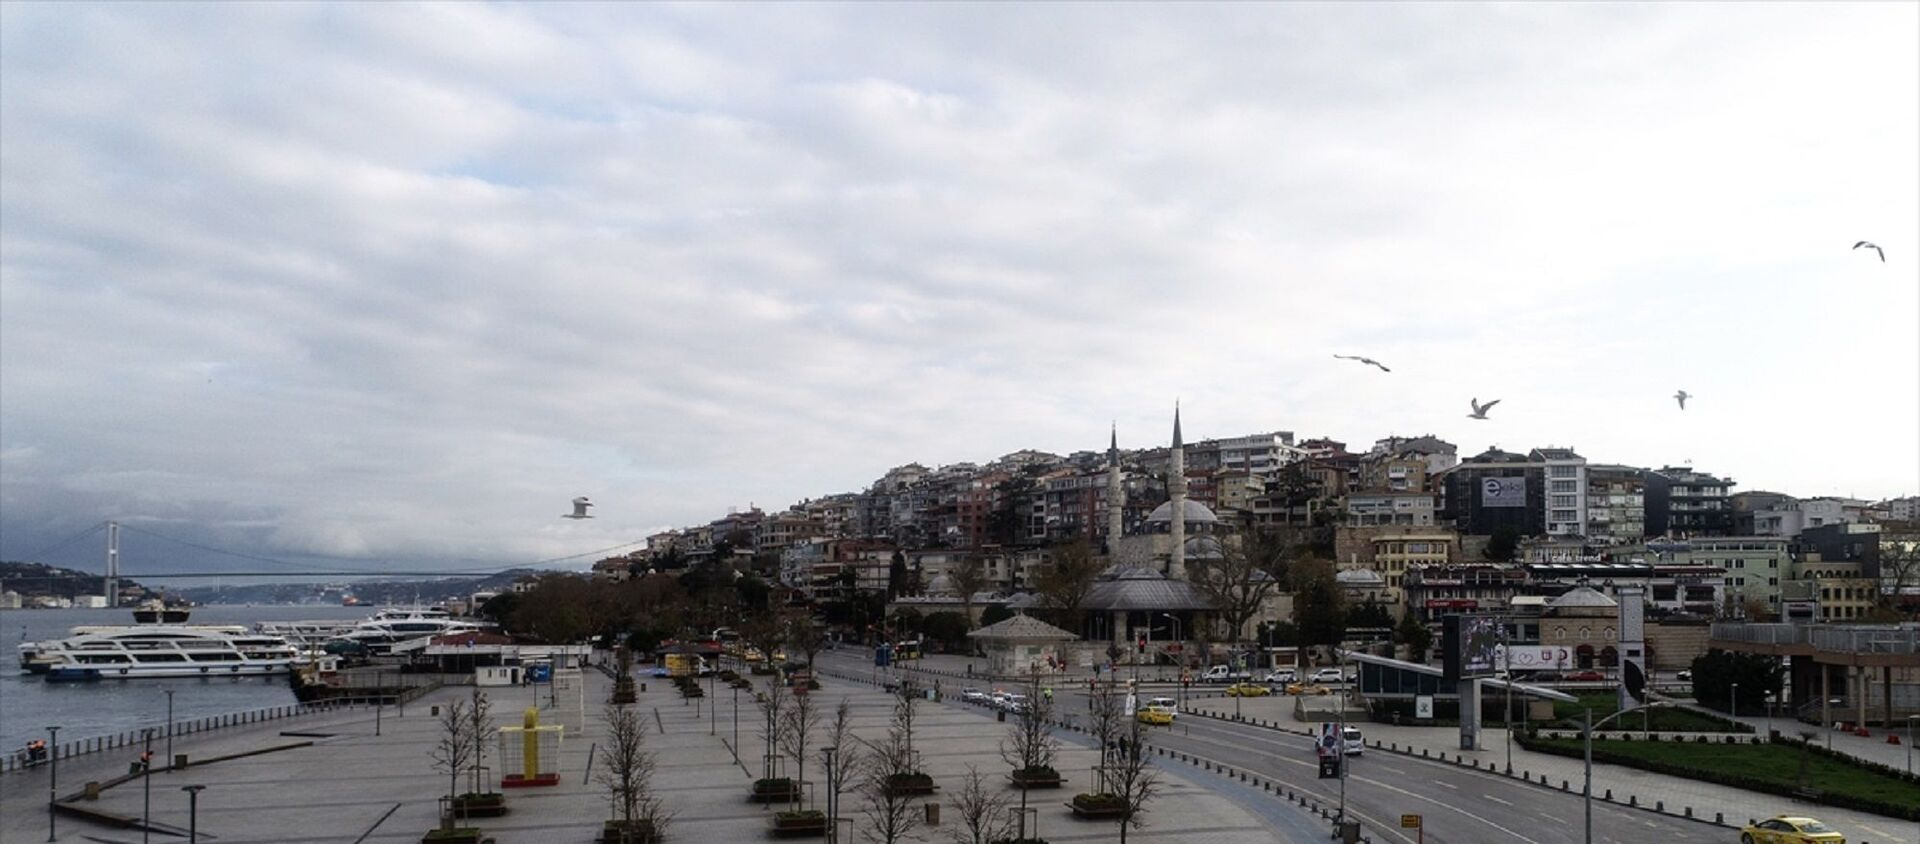 Üsküdar Meydanı ve çevresinde - sokağa çıkma kısıtlaması - Sputnik Türkiye, 1920, 29.04.2021